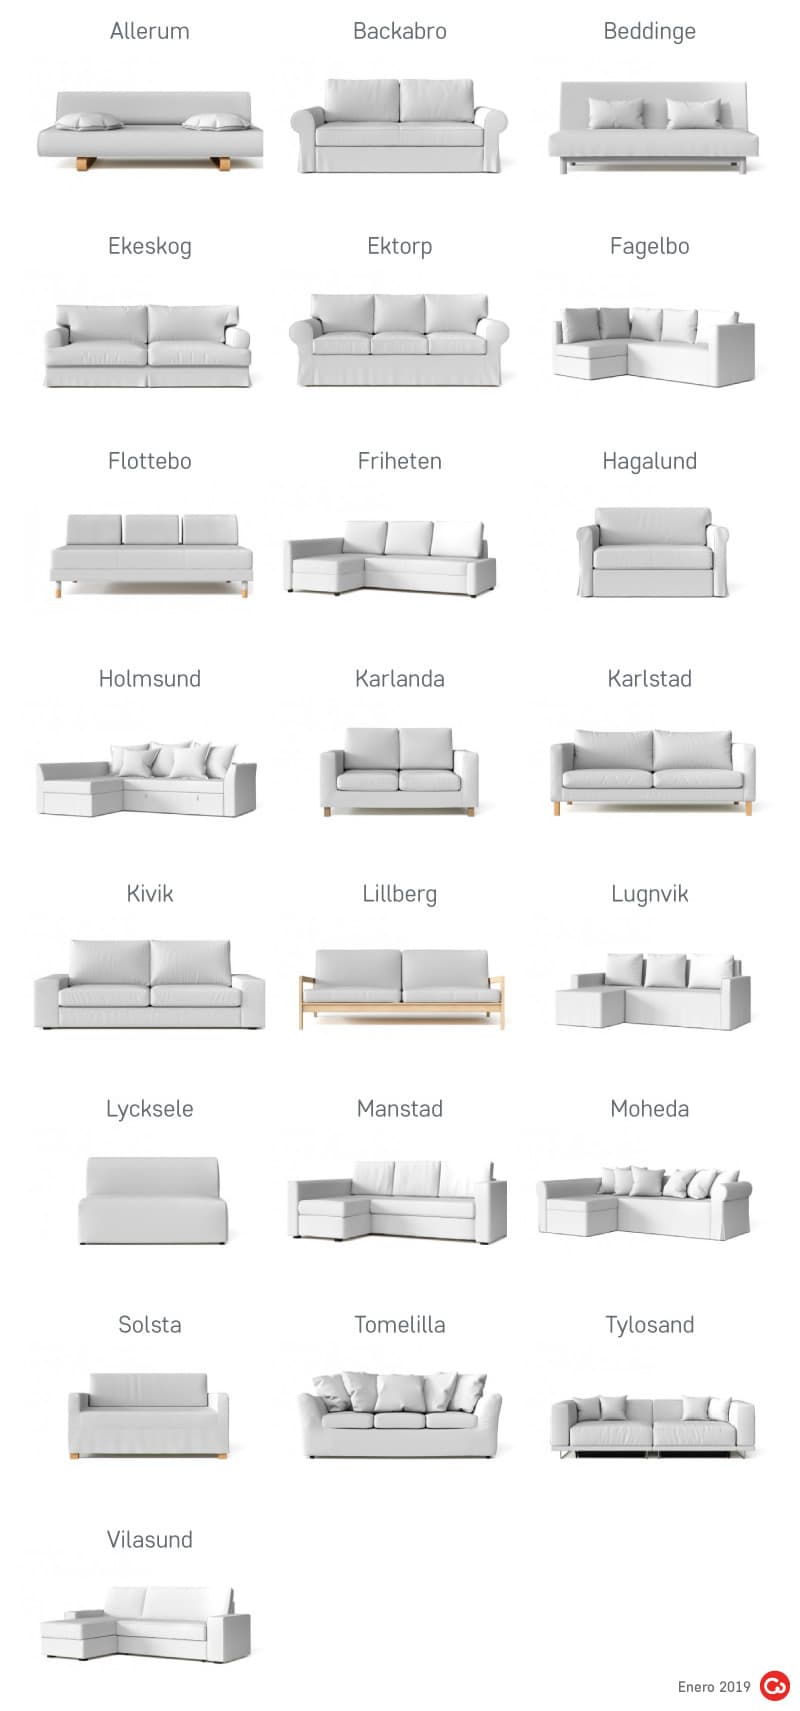 Sofás Cama Descatalogados de IKEA